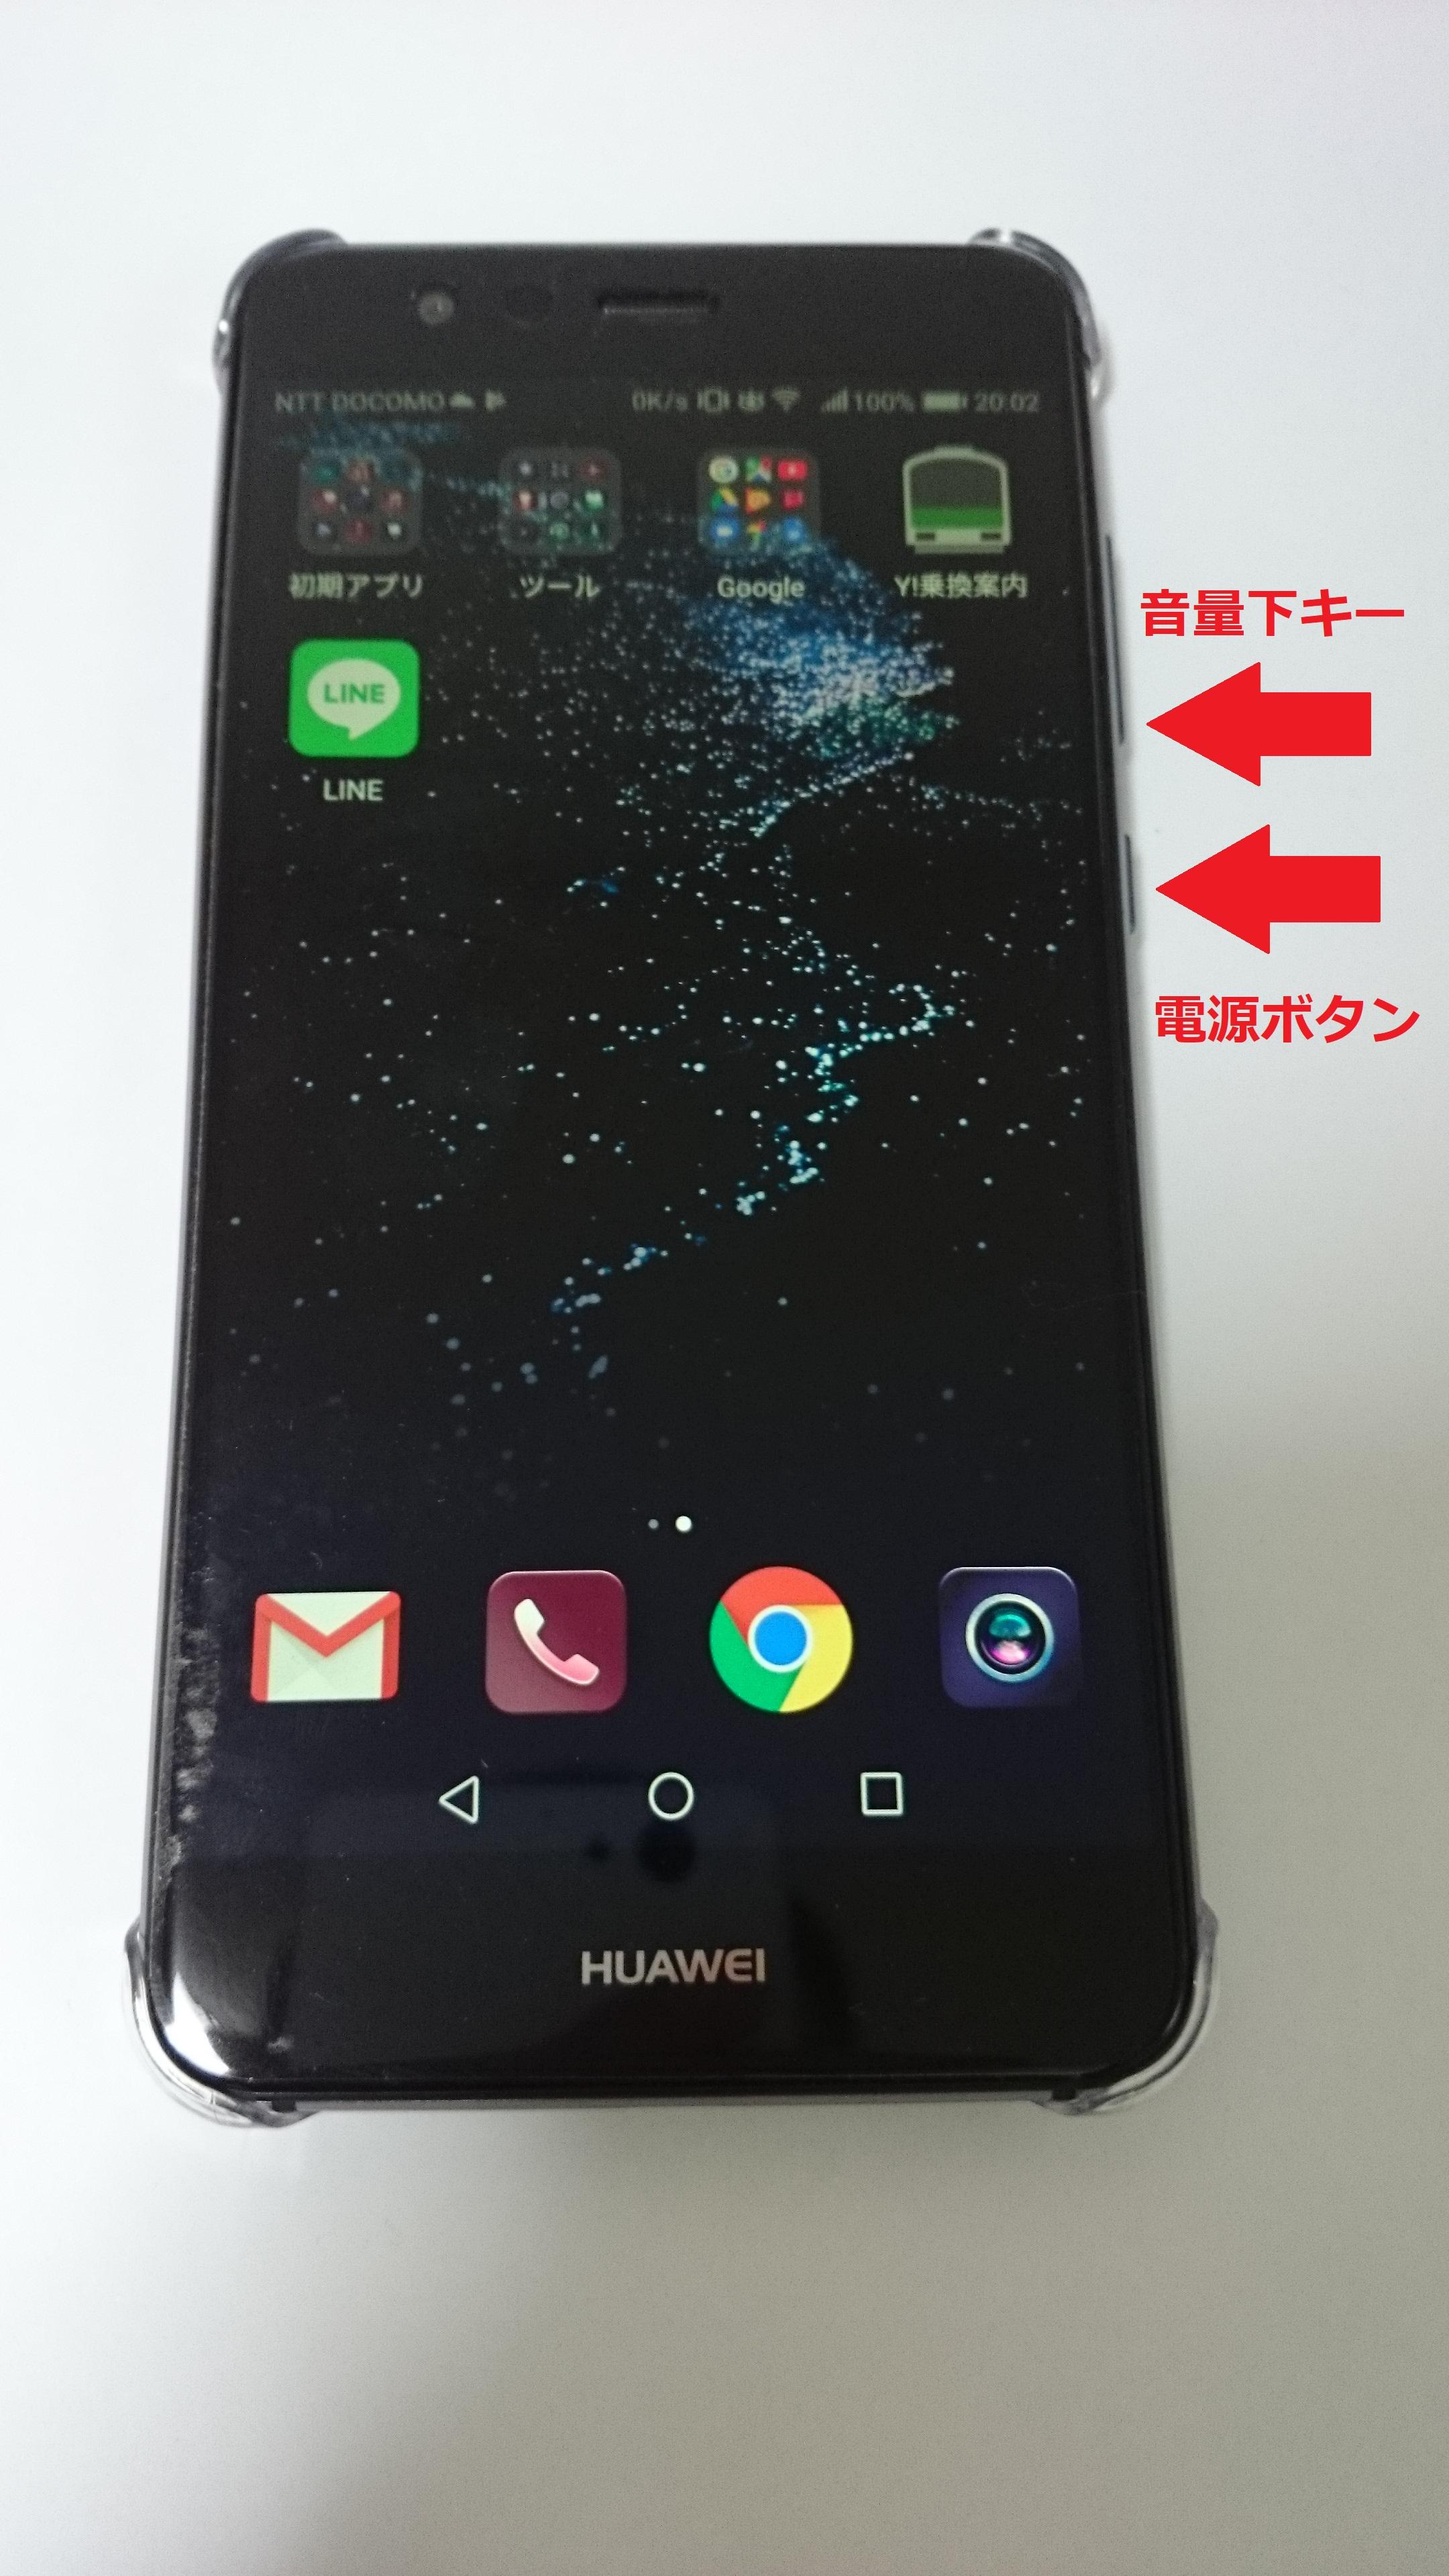 Iphone12 スクショ やり方 IPhone11のスクショの撮り方|アクセシビリティ機能AssistiveTouchが...